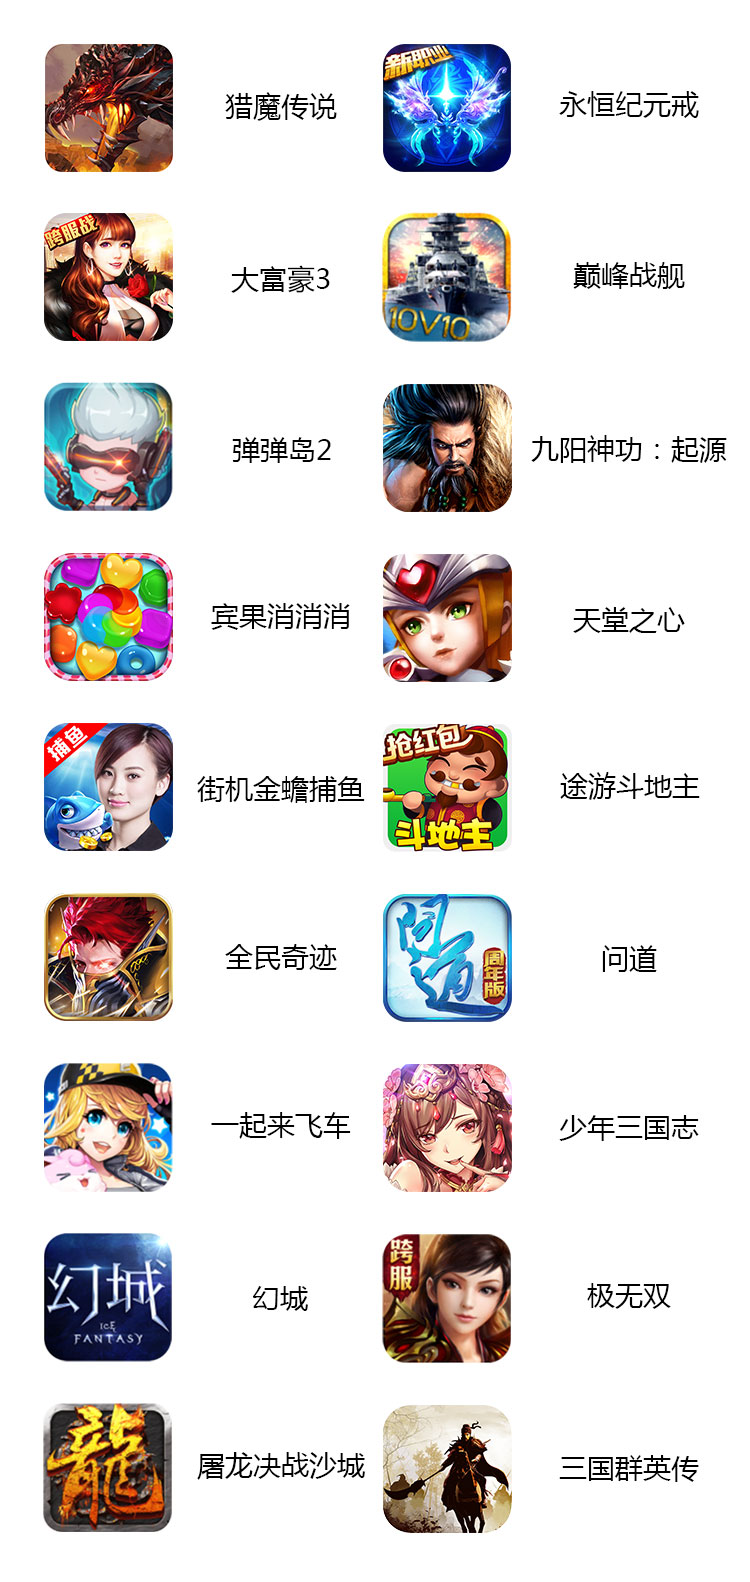 活动游戏列表.jpg